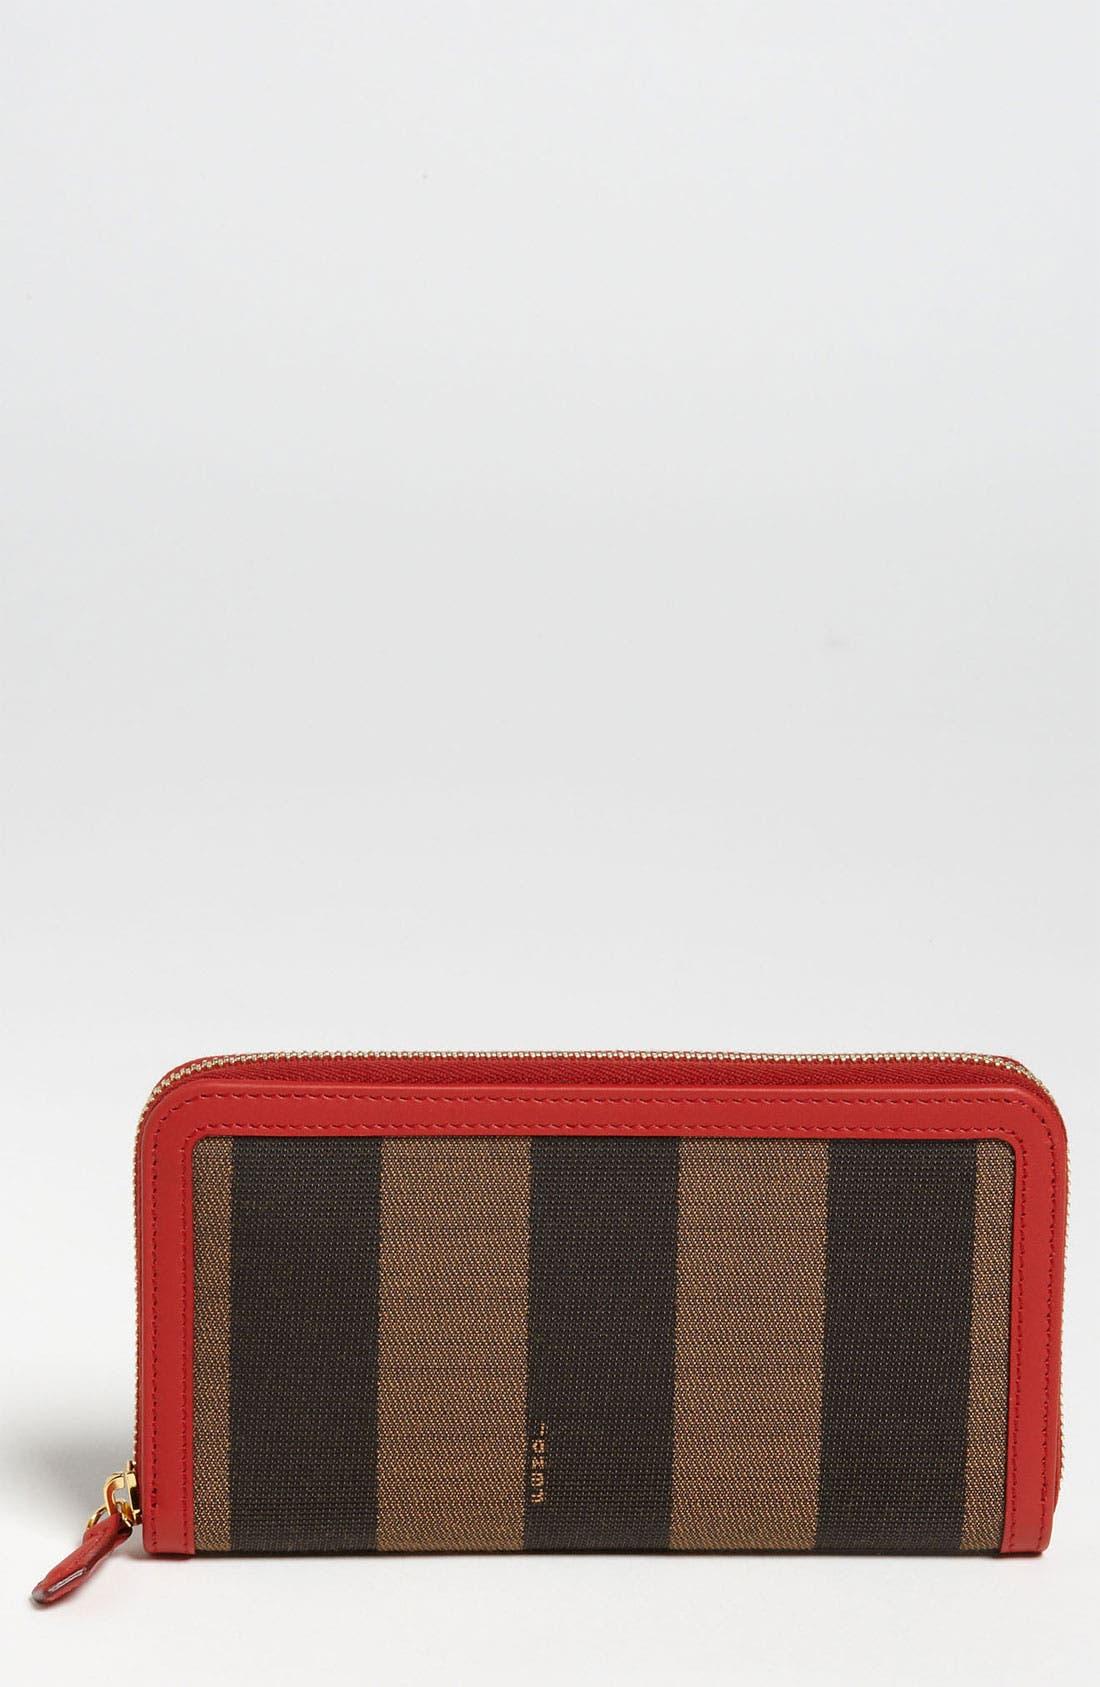 Main Image - Fendi 'Pequin' Zip Around Wallet